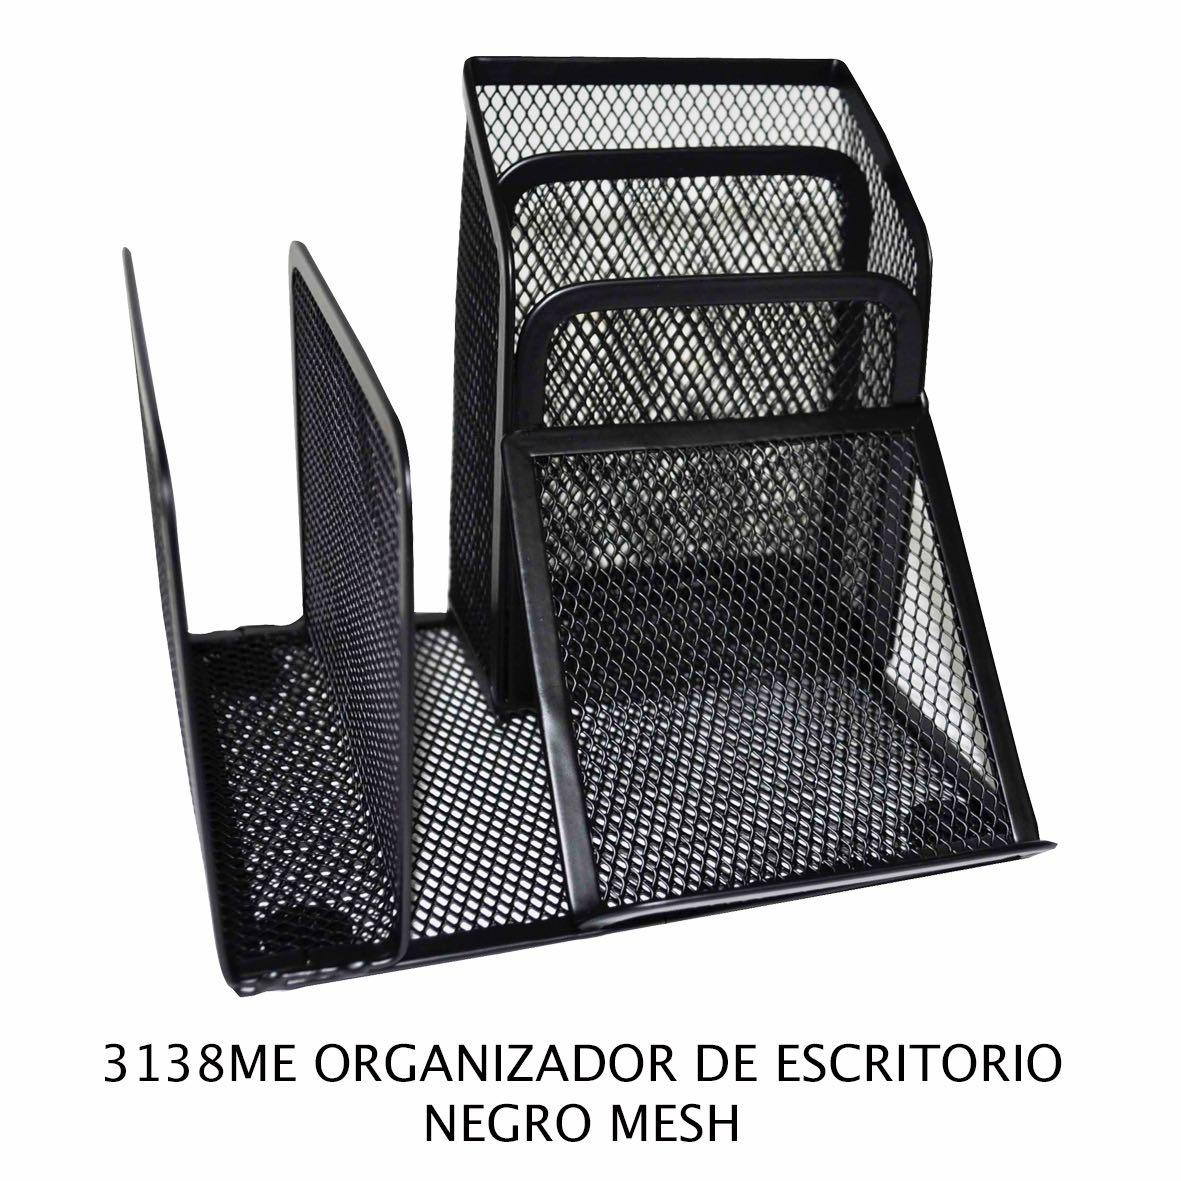 Organizador de escritorio Negro Mesh modelo 3138ME de Sablón